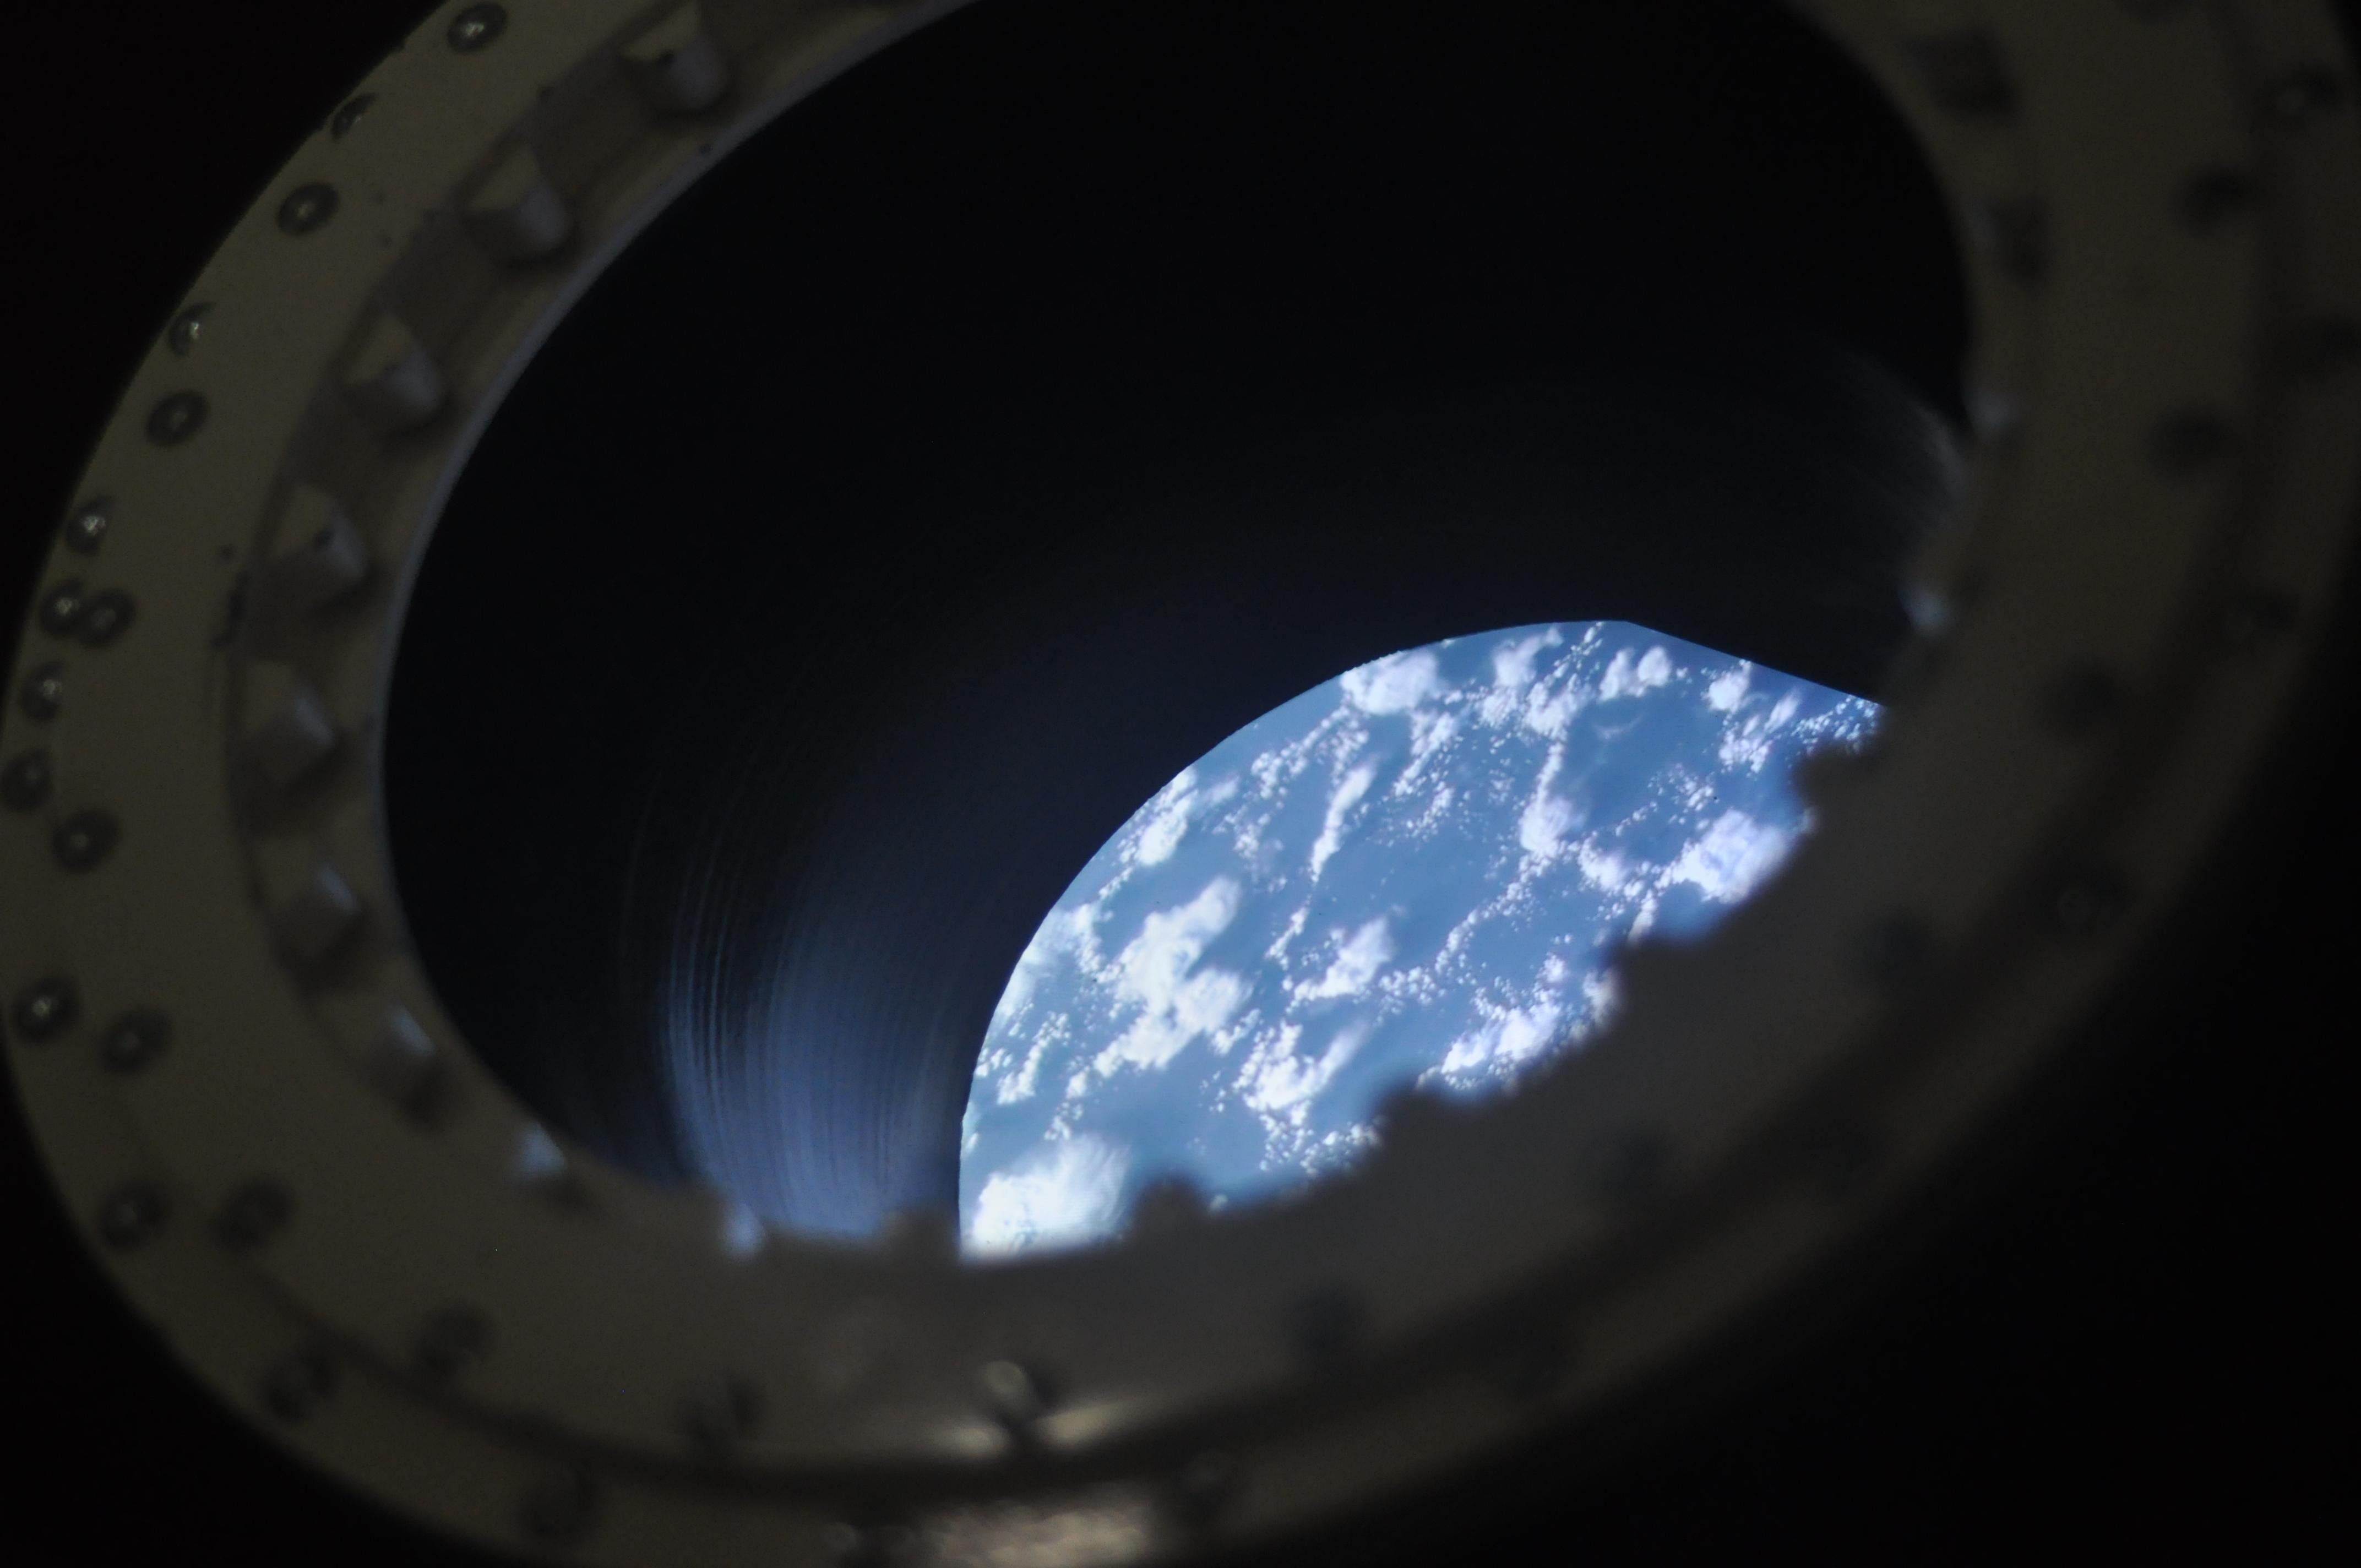 Űrkiállítás: Föld az űrből